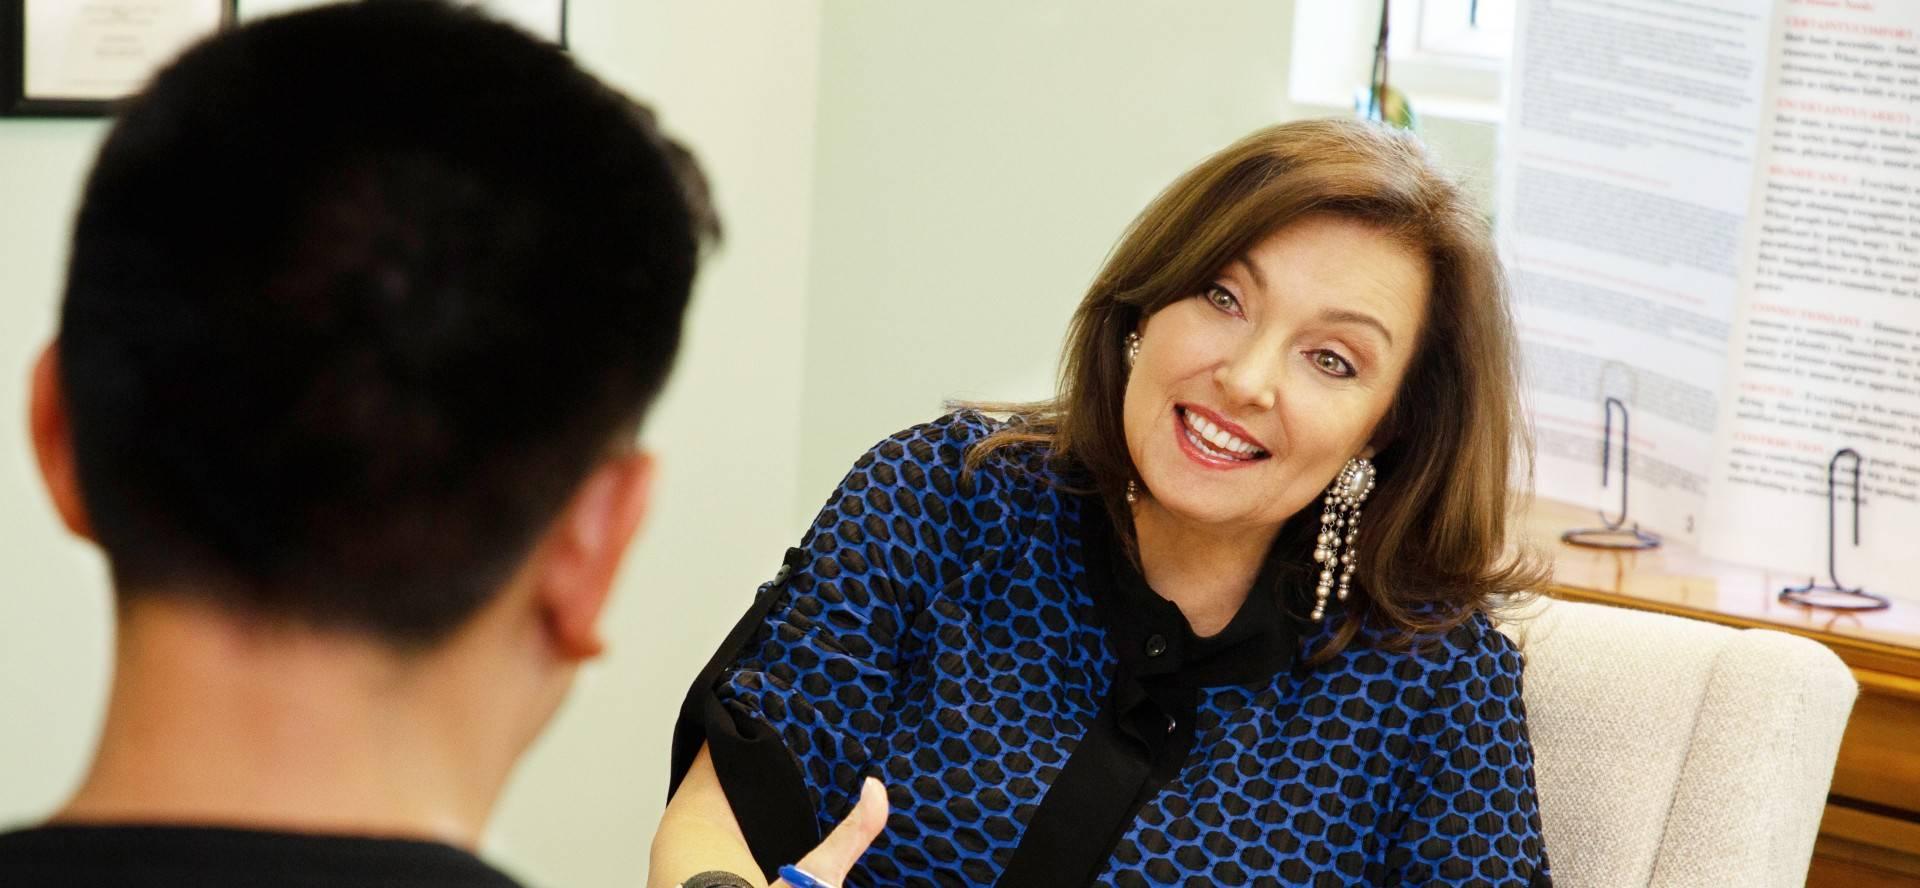 Sara Kavana Life Coaching